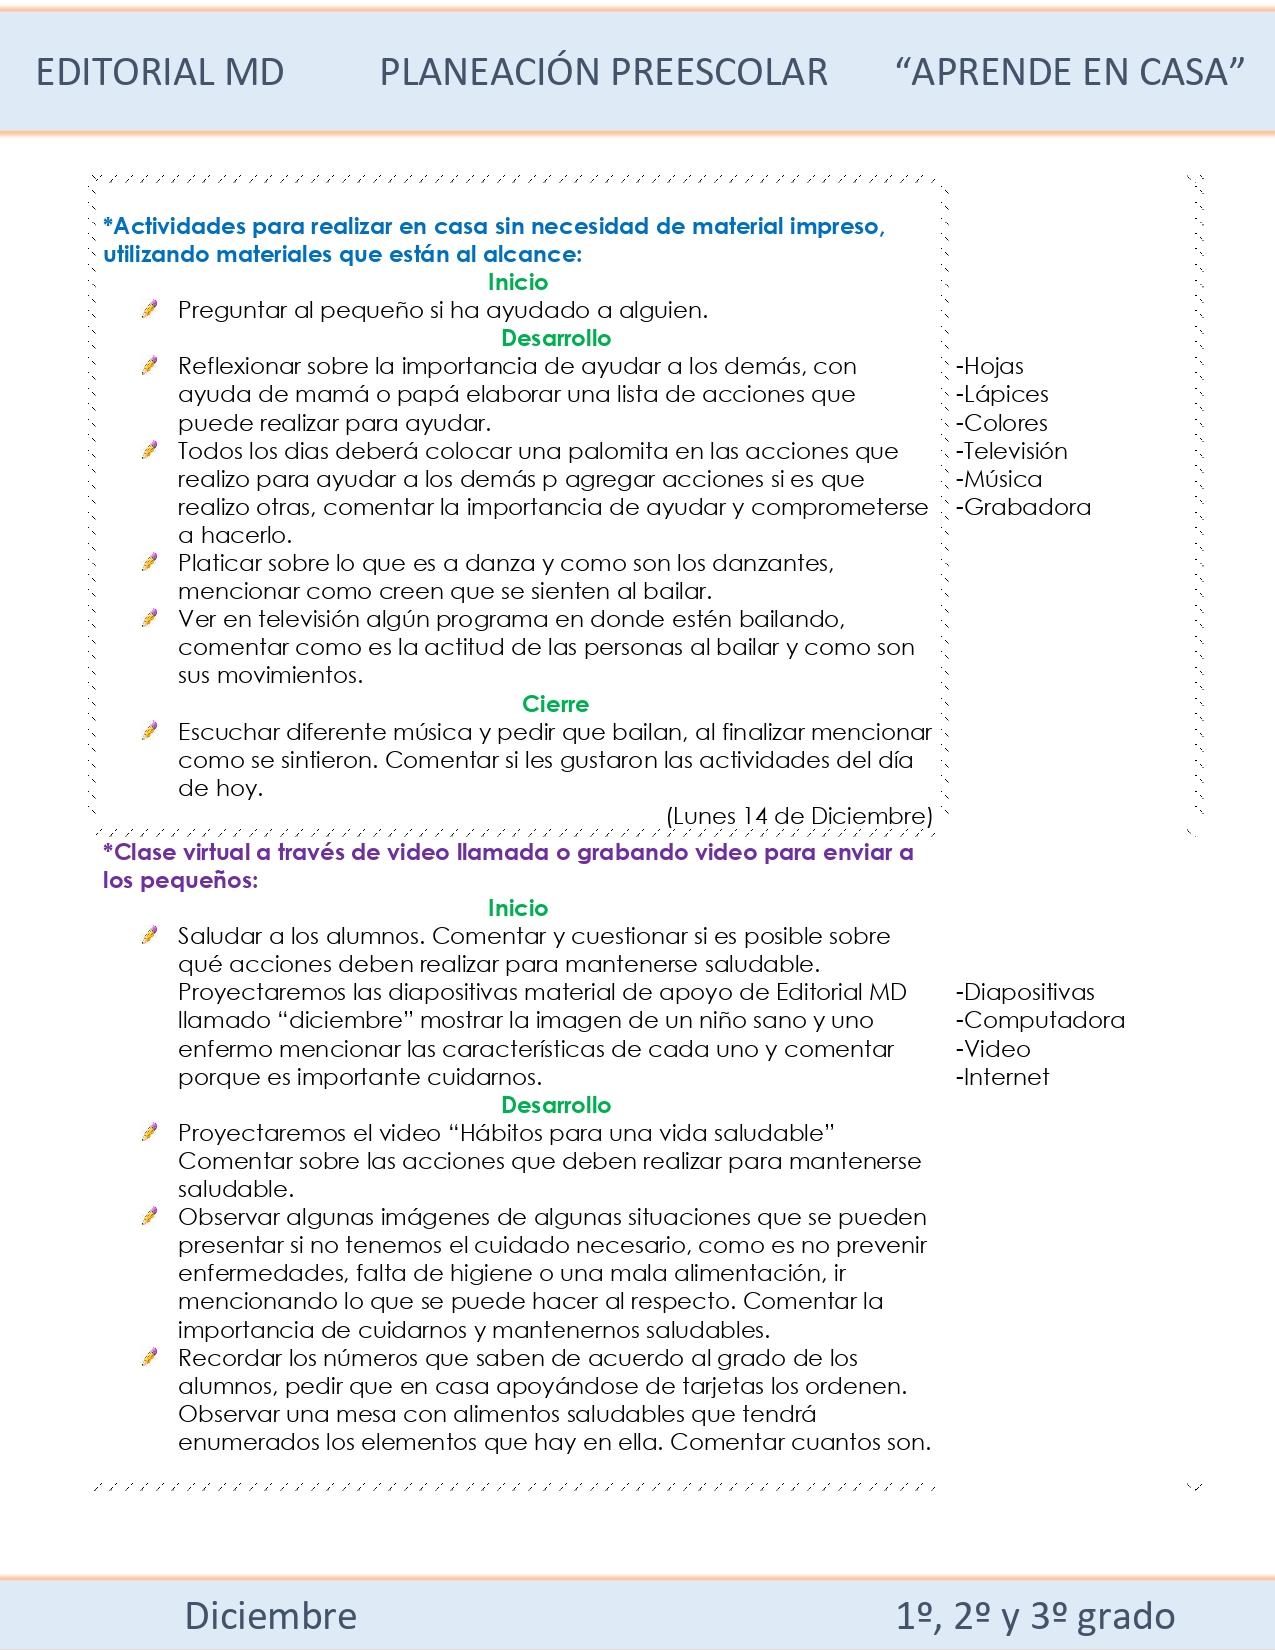 Ejemplo planeación Preescolar del 14 al 18 de diciembre 2020